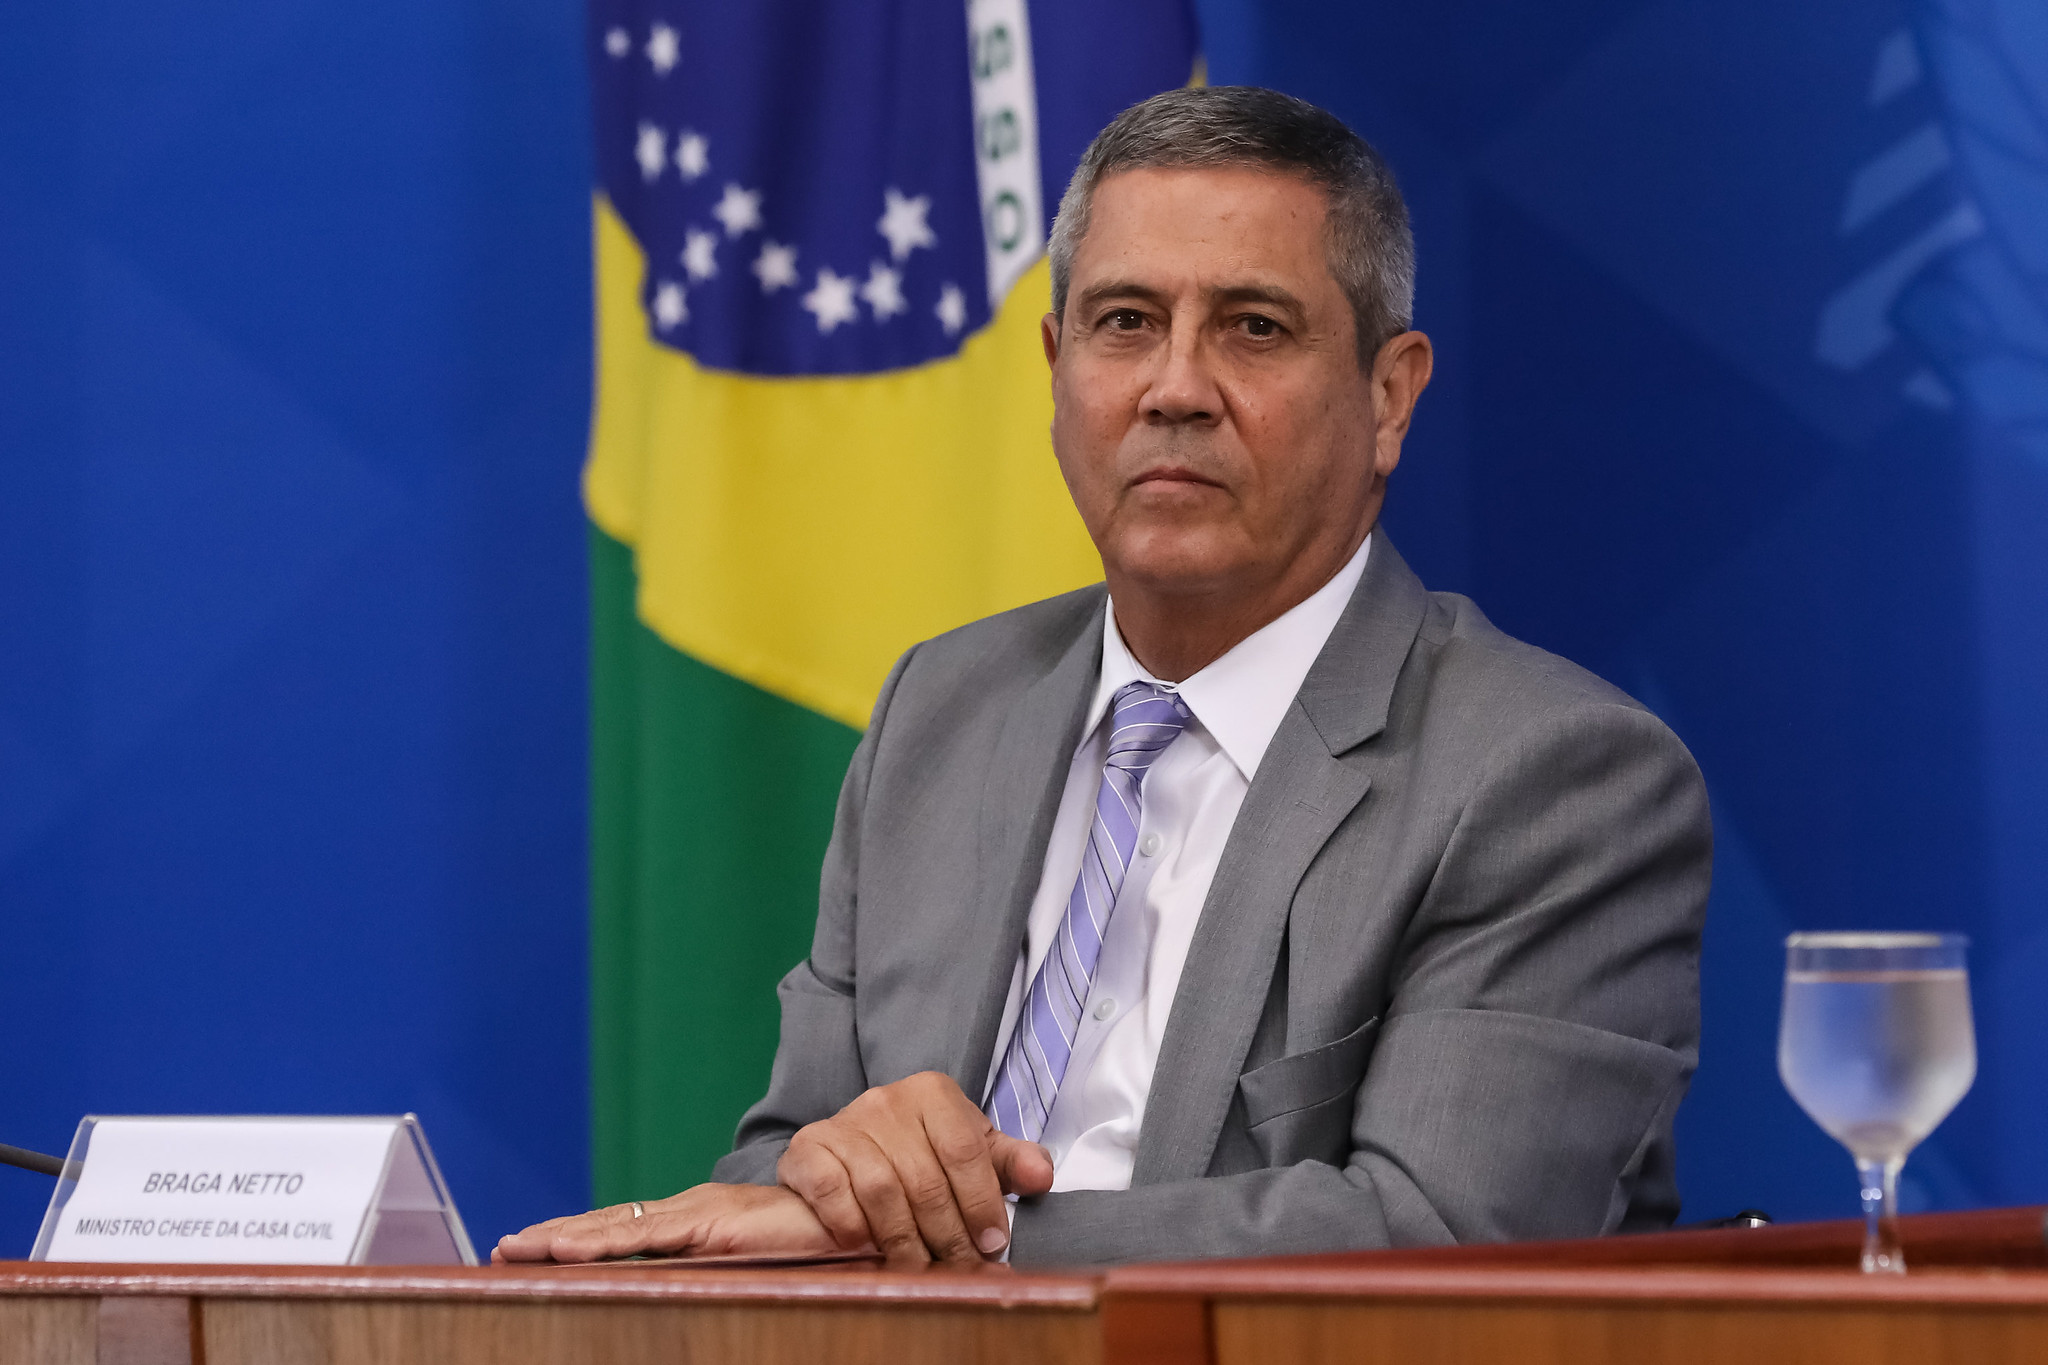 IMAGEM: Governo deve prorrogar até 2021 gabinete de intervenção federal no Rio